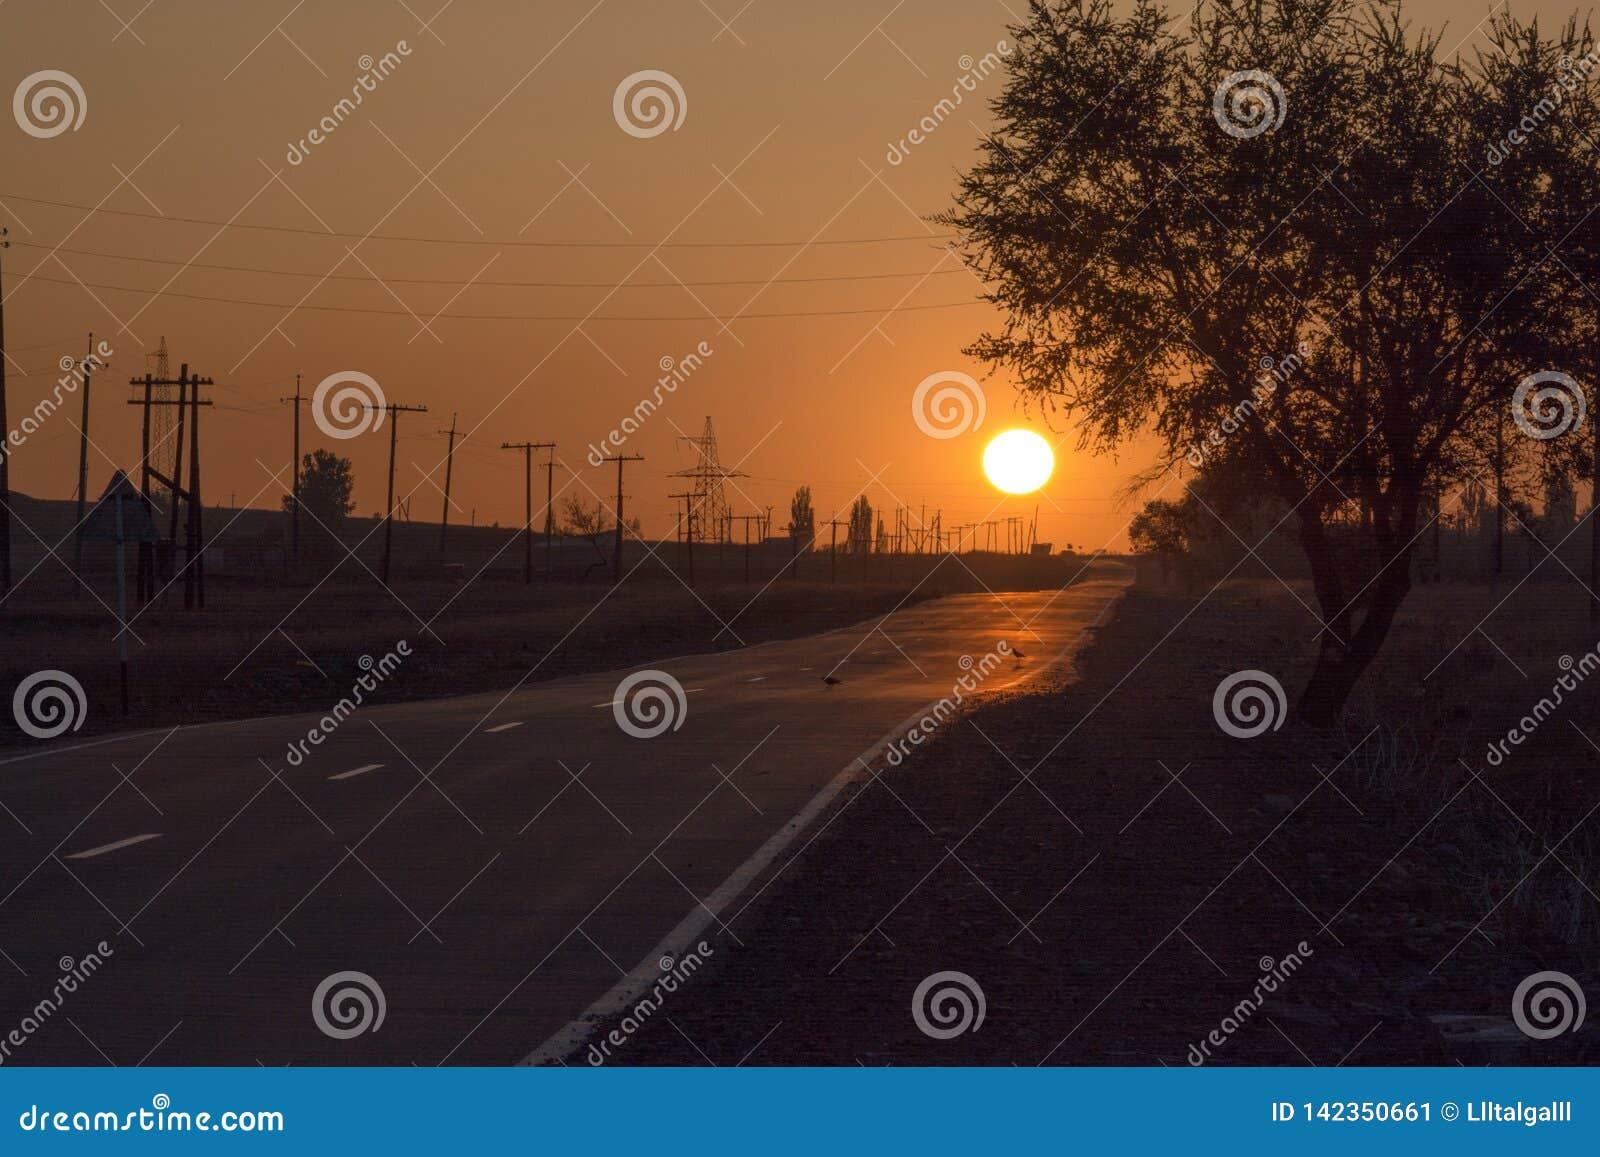 Ο δρόμος στην ομίχλη Ηλιοβασίλεμα Ο ήλιος